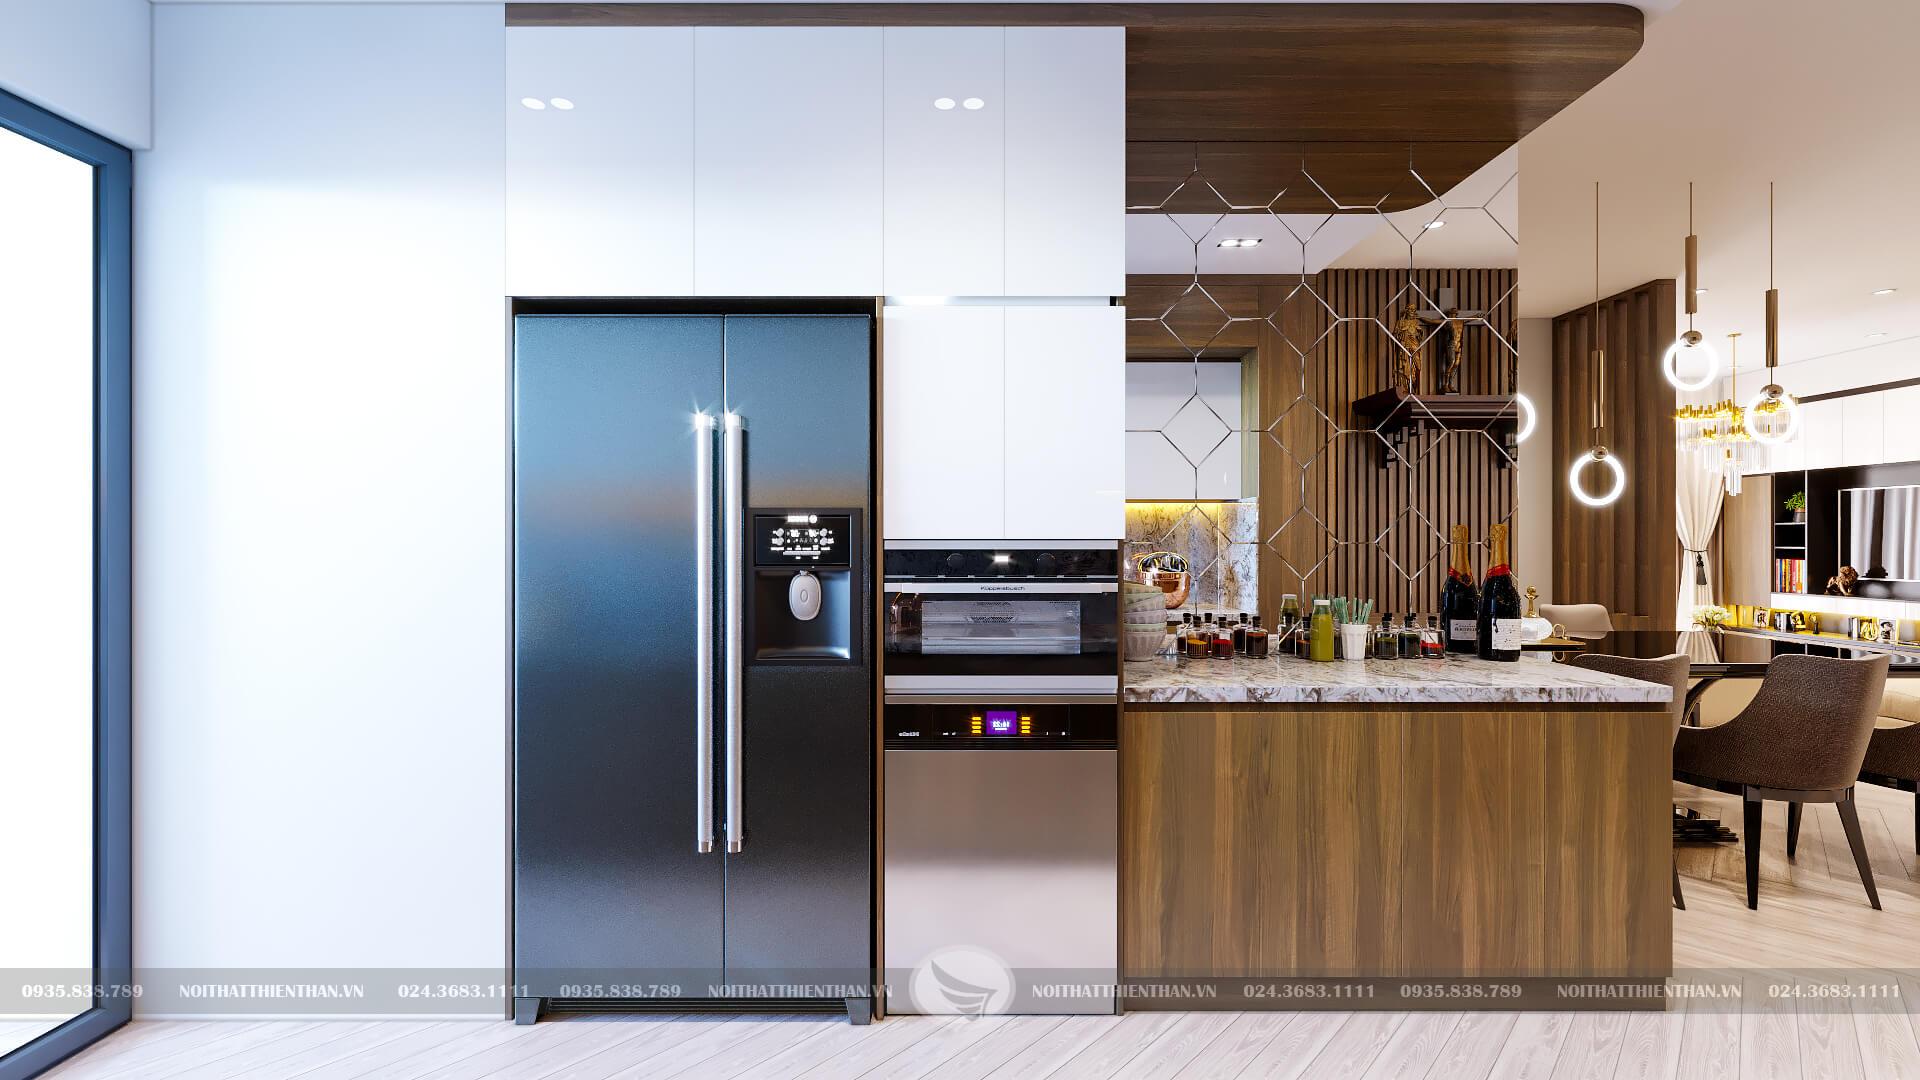 trang trí phòng bếp nhỏ đẹp chung cư